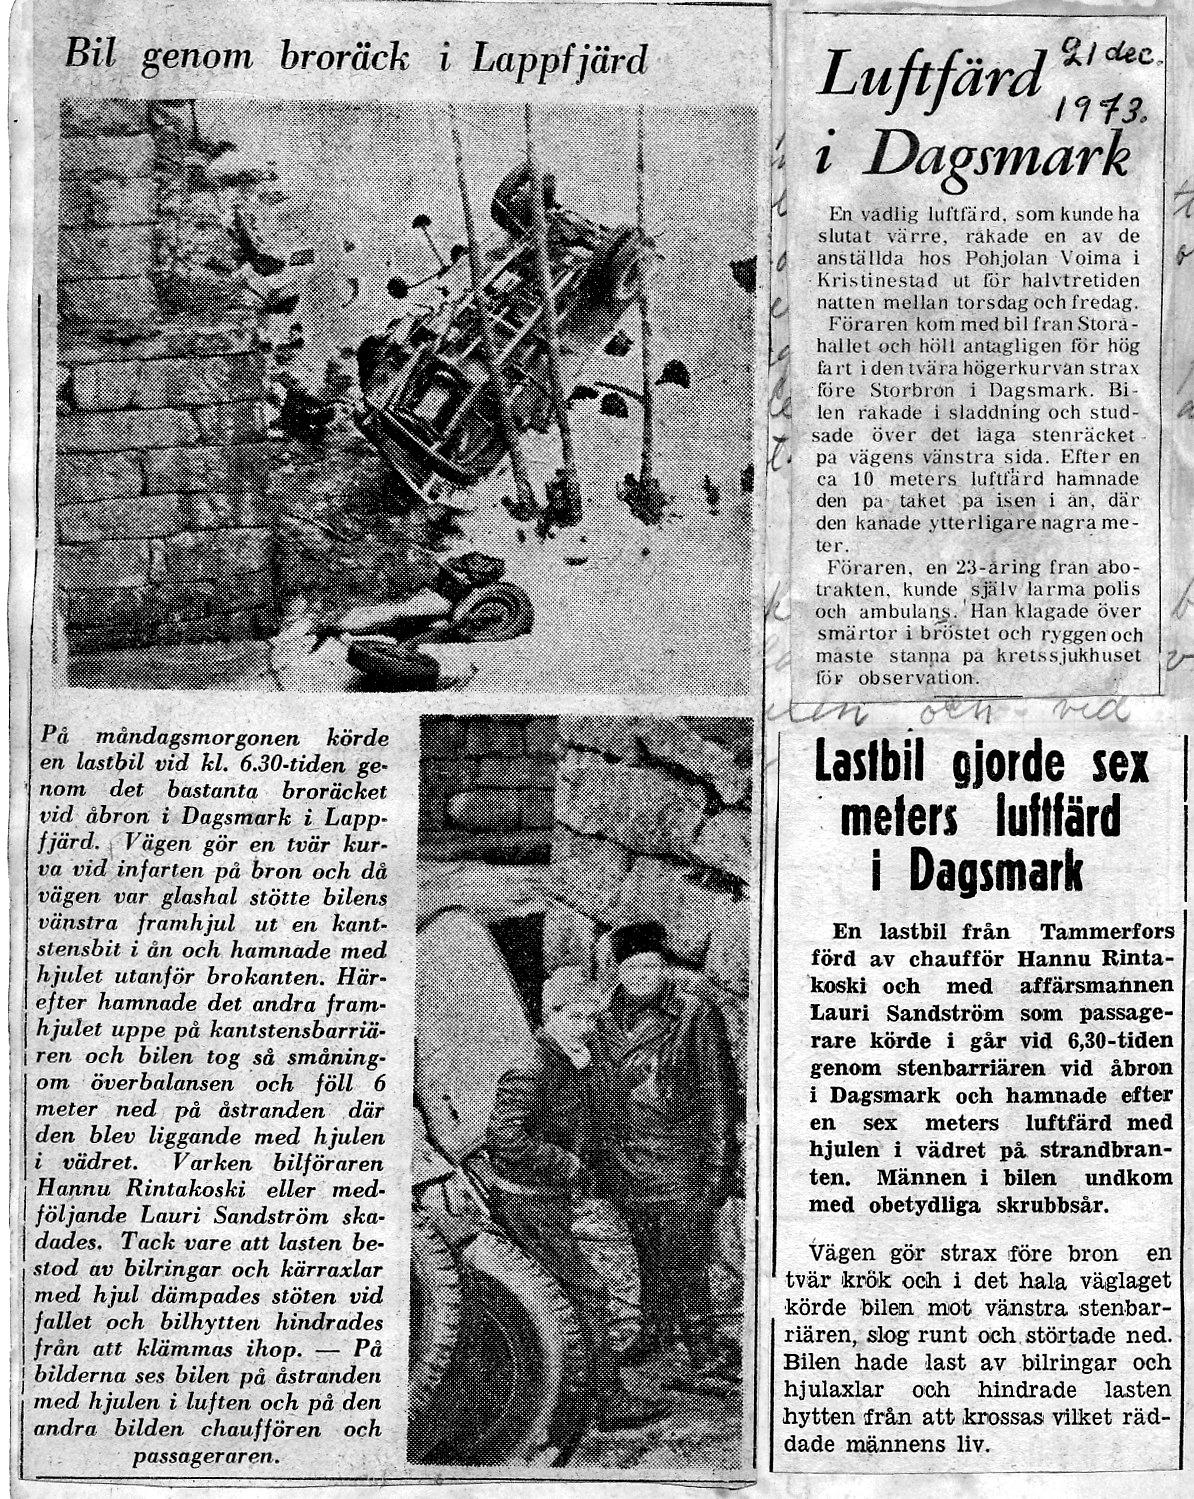 På 1960-talet körde en lastbil ut över skyddsräcket och hamnade på taket nedanför bron och år 1973 gjorde en personbil samma manöver. De här olyckorna förorsakade inga svårare personskador.